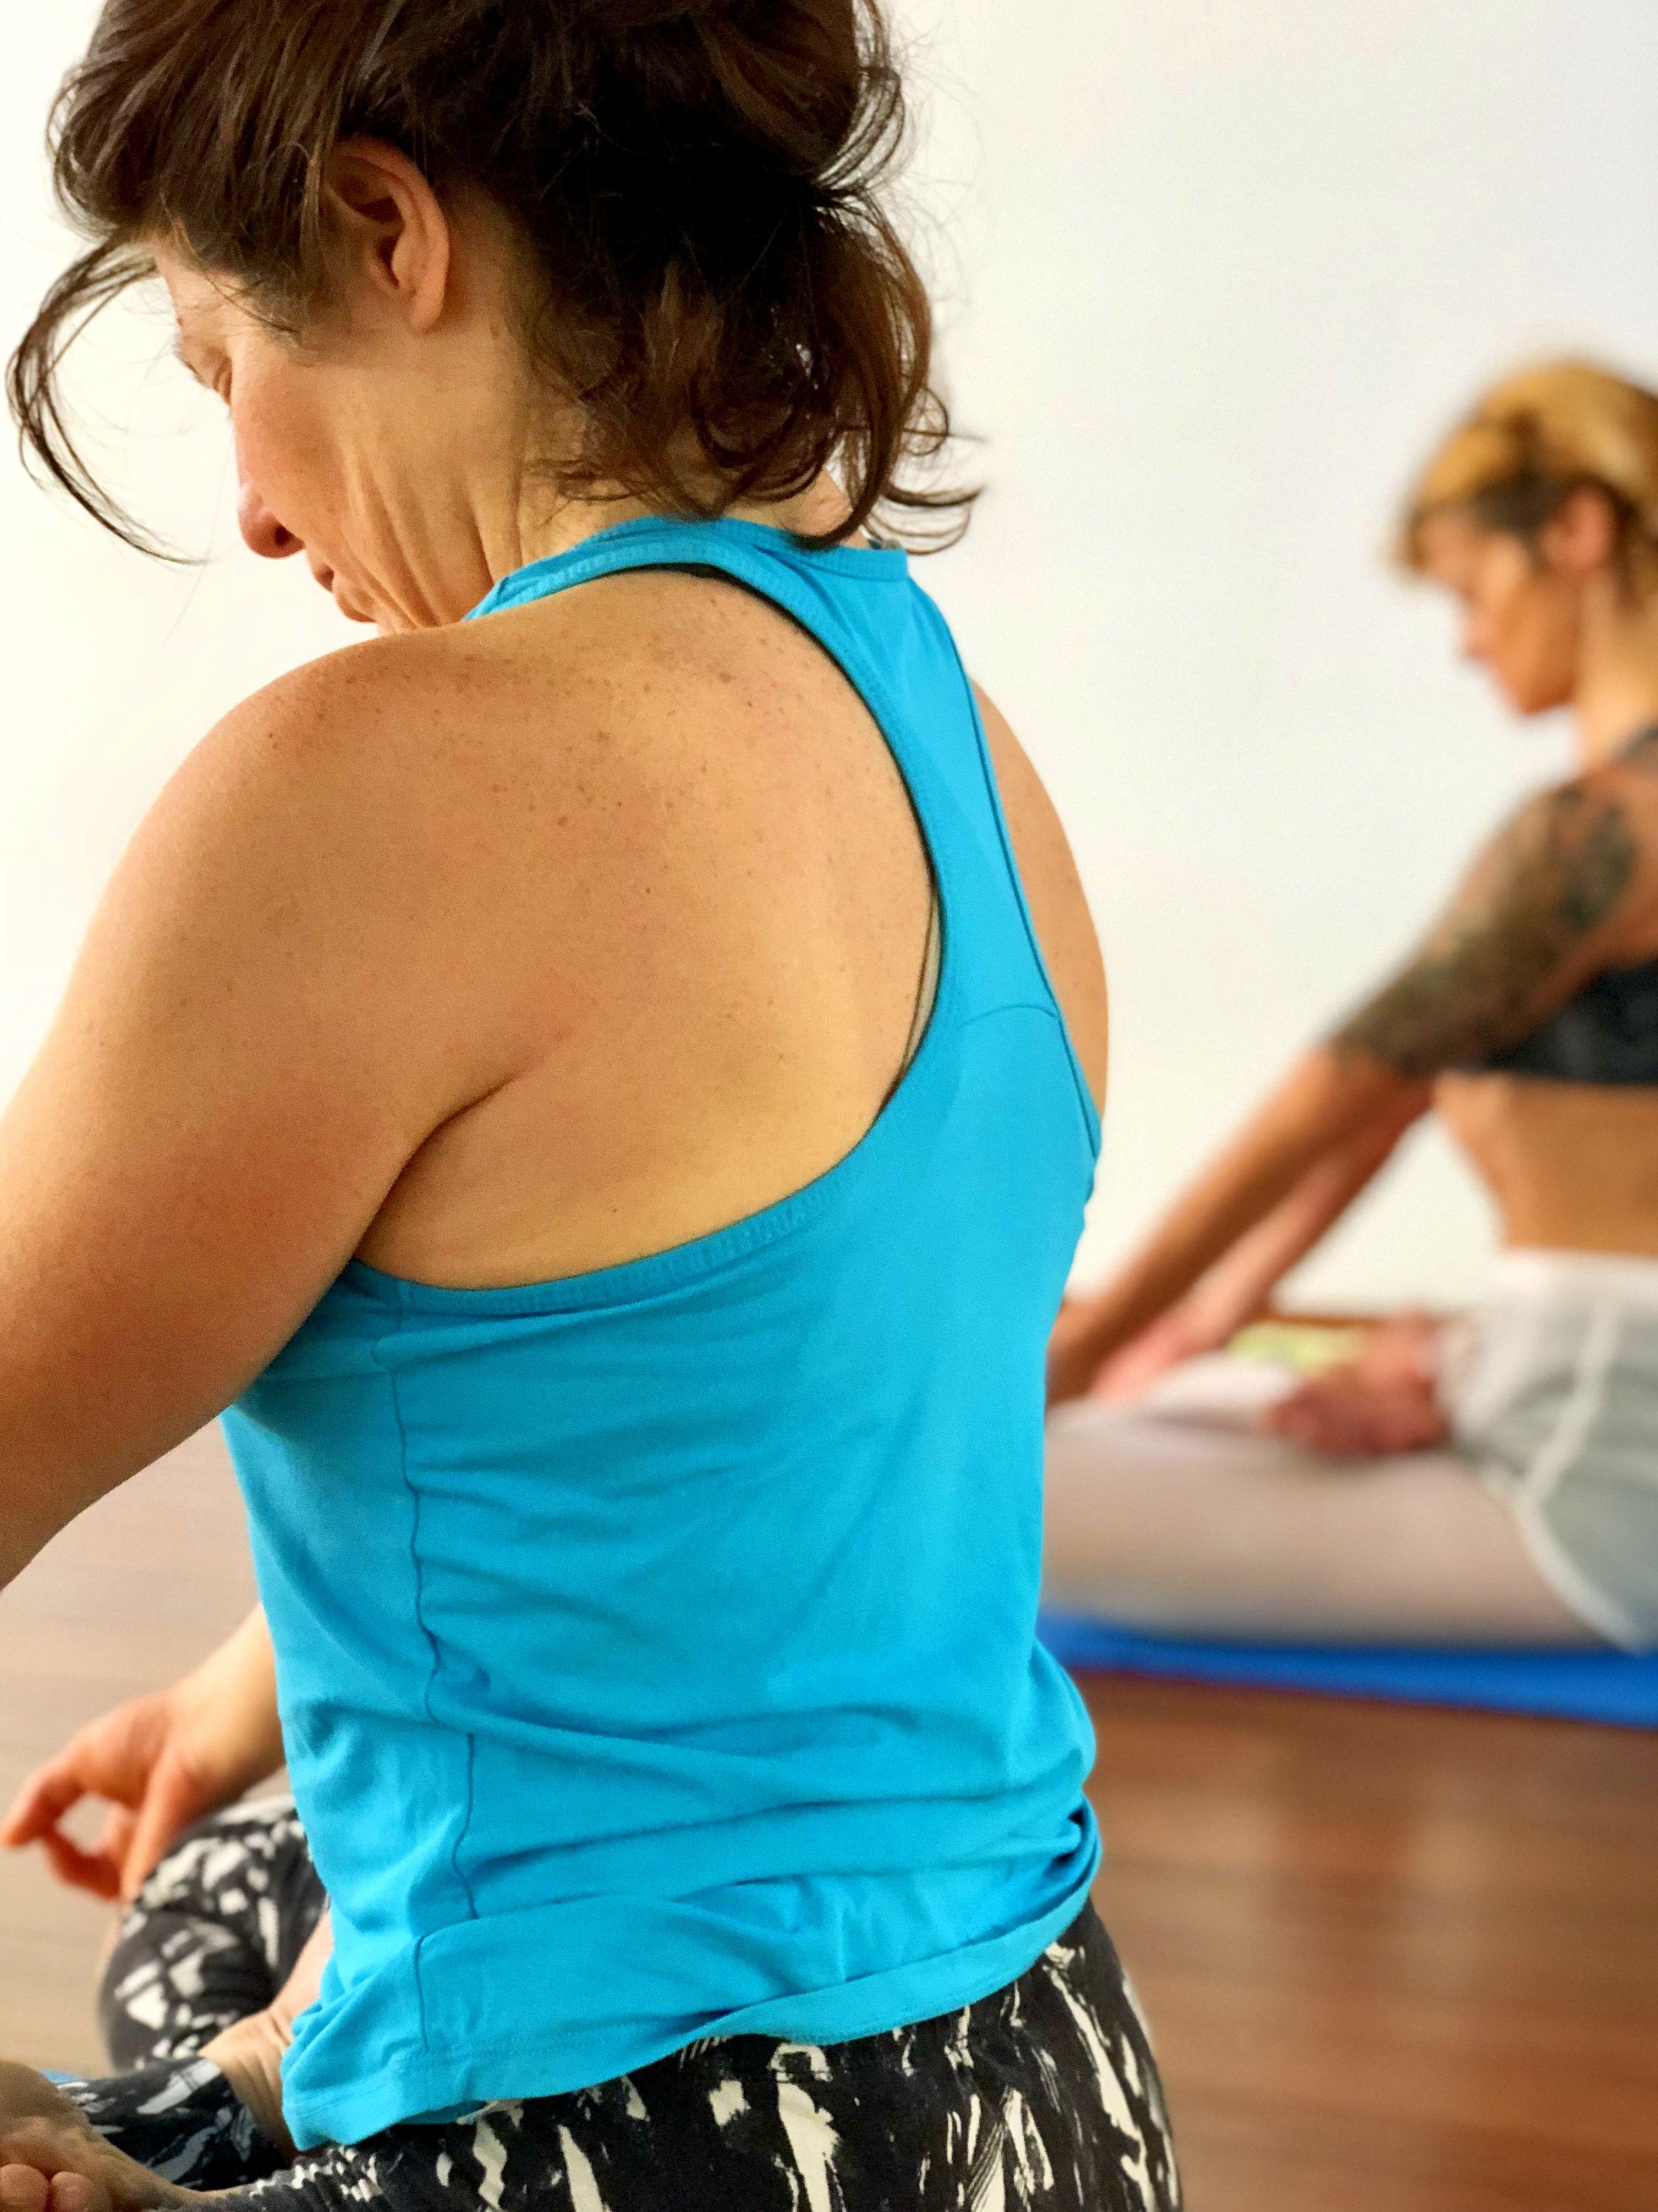 Taller de introducción a The Art of Living en Ashtanga Yoga Palma